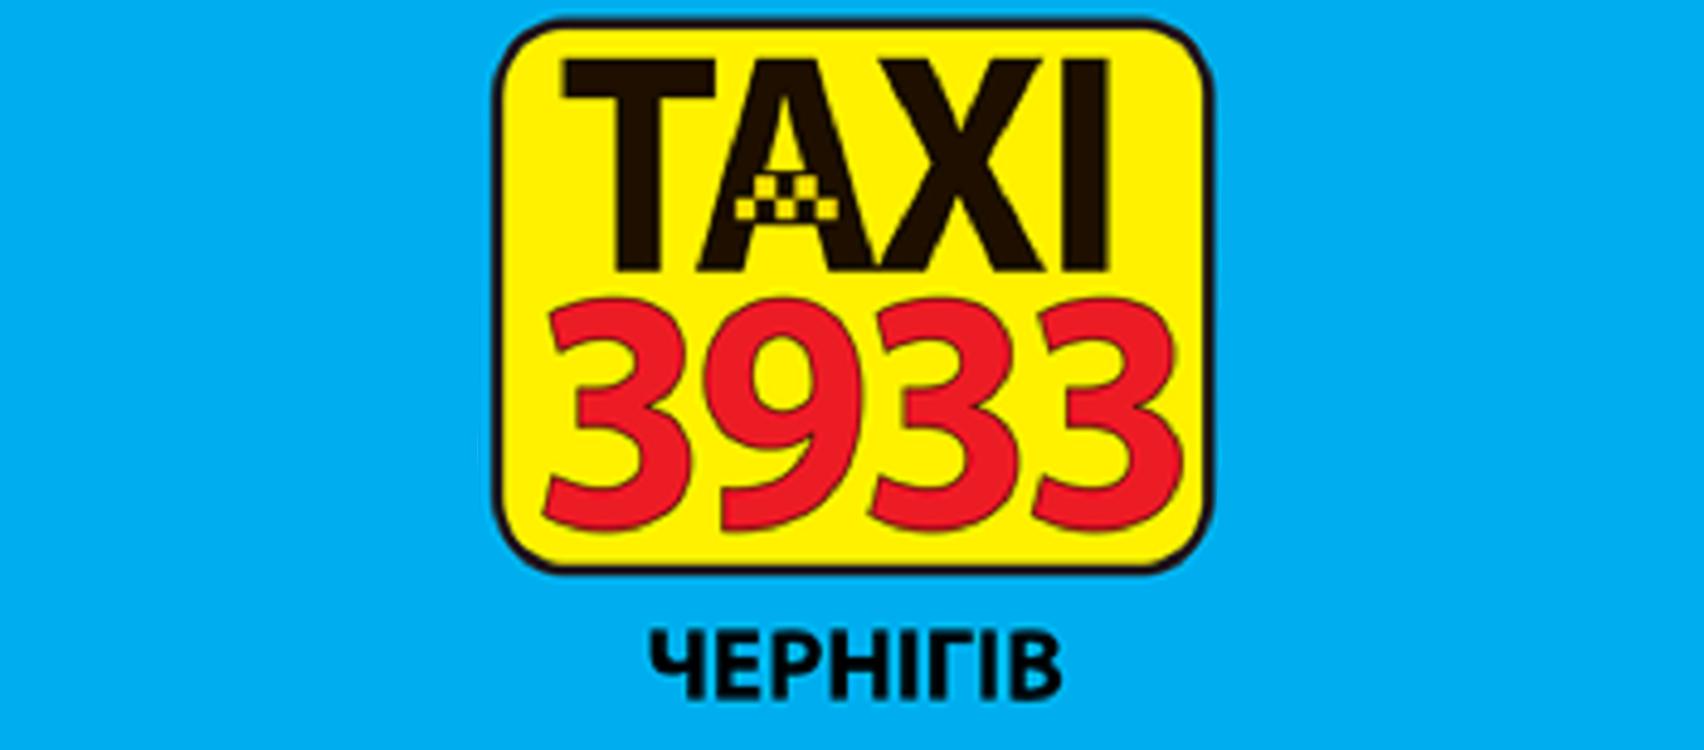 Таксі 3933  (Чернігів)